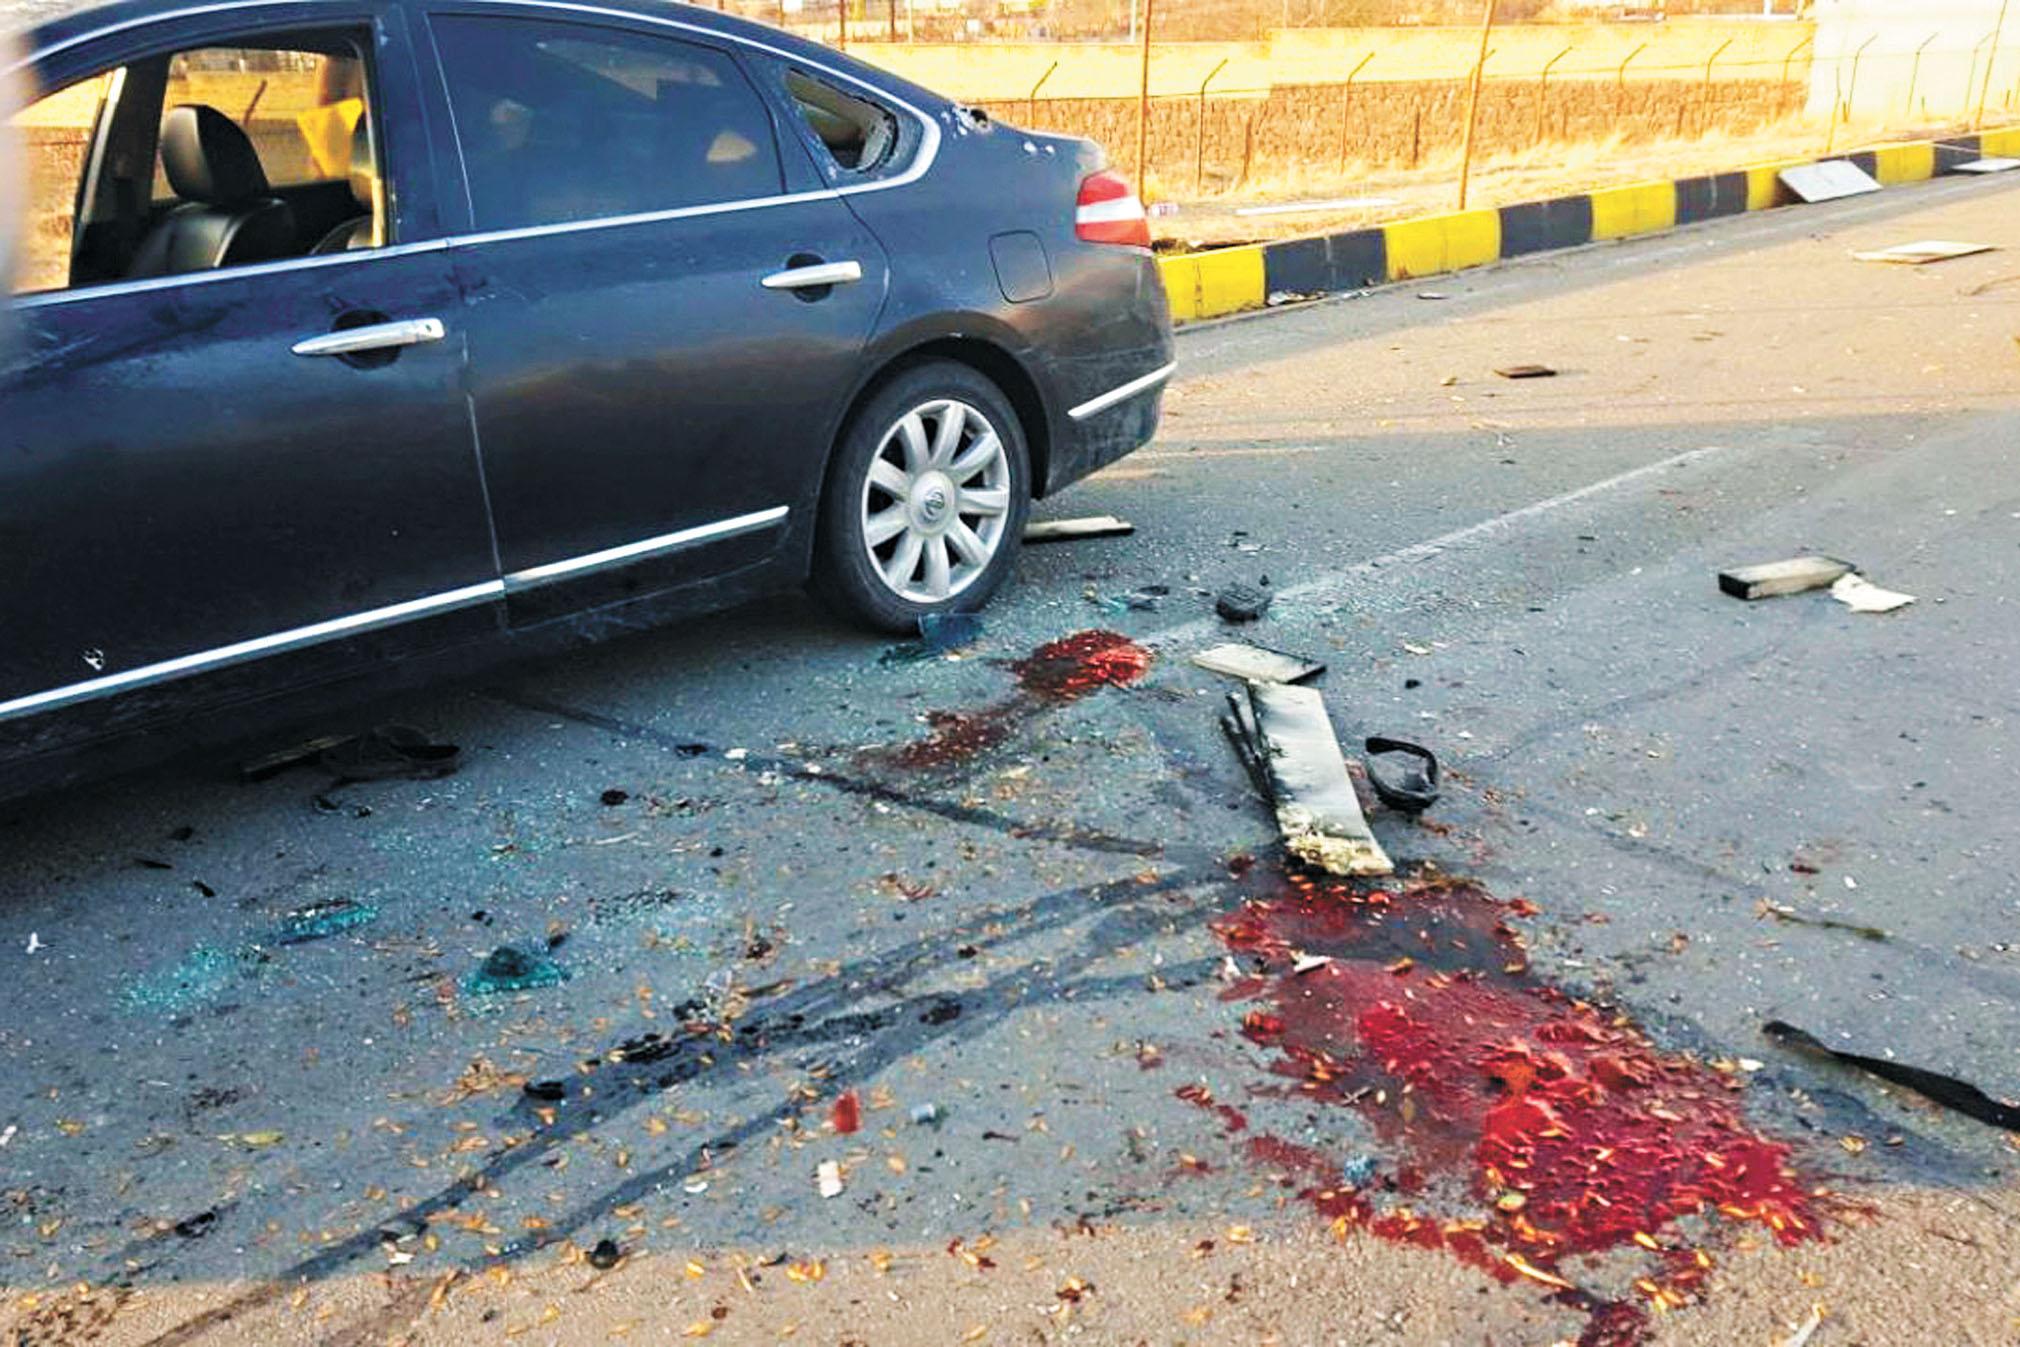 在德黑蘭附近的阿布薩爾德,法赫里扎德乘坐的車輛遭到襲擊。美聯社